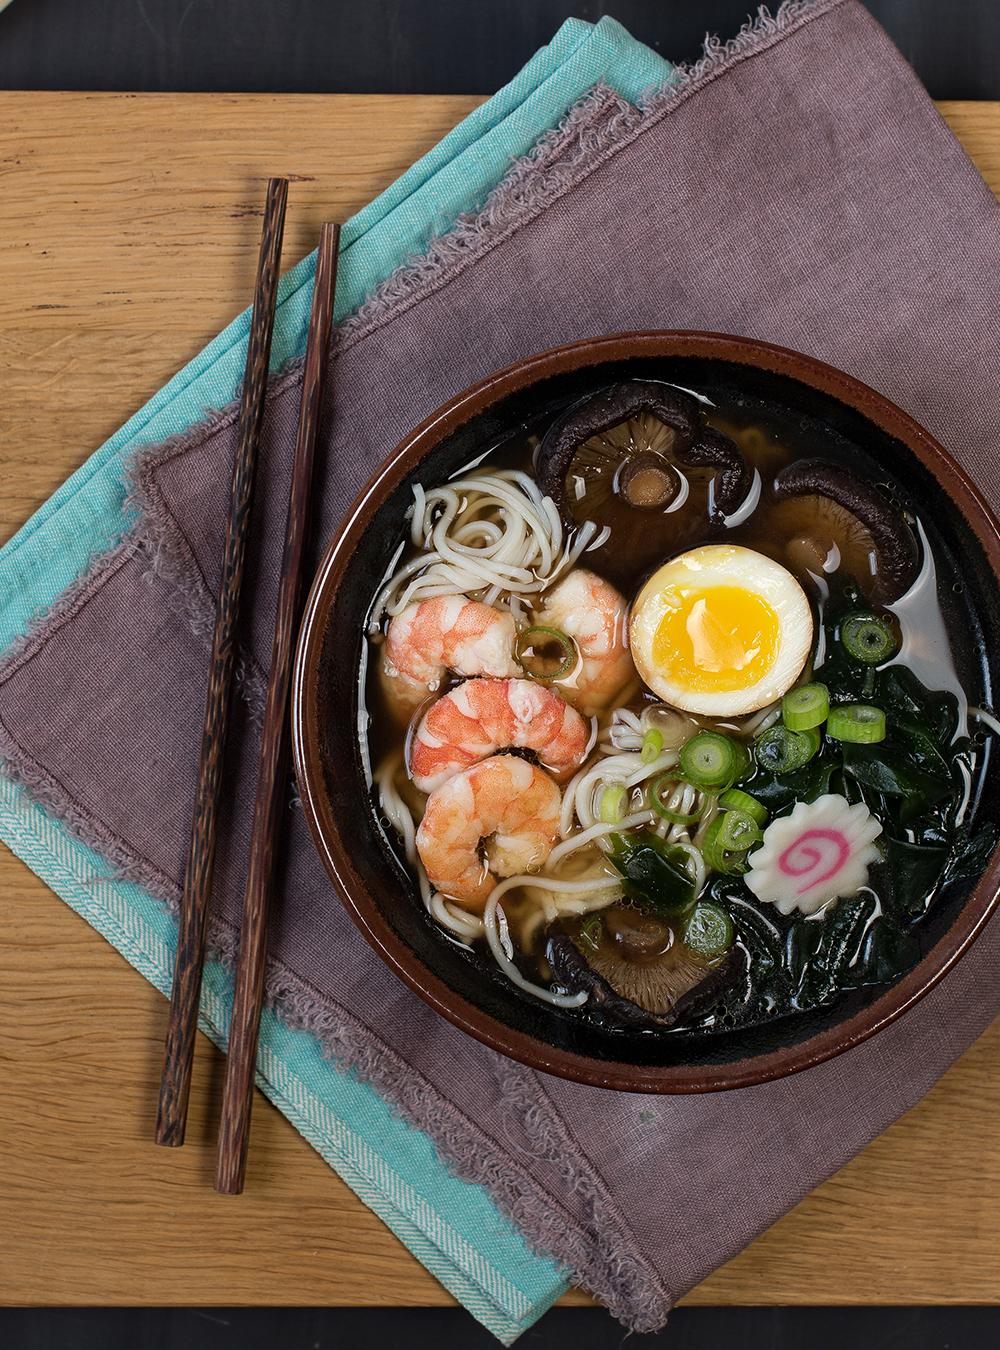 Shio Ramen mit Garnelen - Meine Japanische Küche - Rezept und Rezension. Fantastisches Ramen Suppen Rezept aus Japan nach Stevan Paul mit viel Umami. #ramen #ramensoup #rezept #japanischeküche